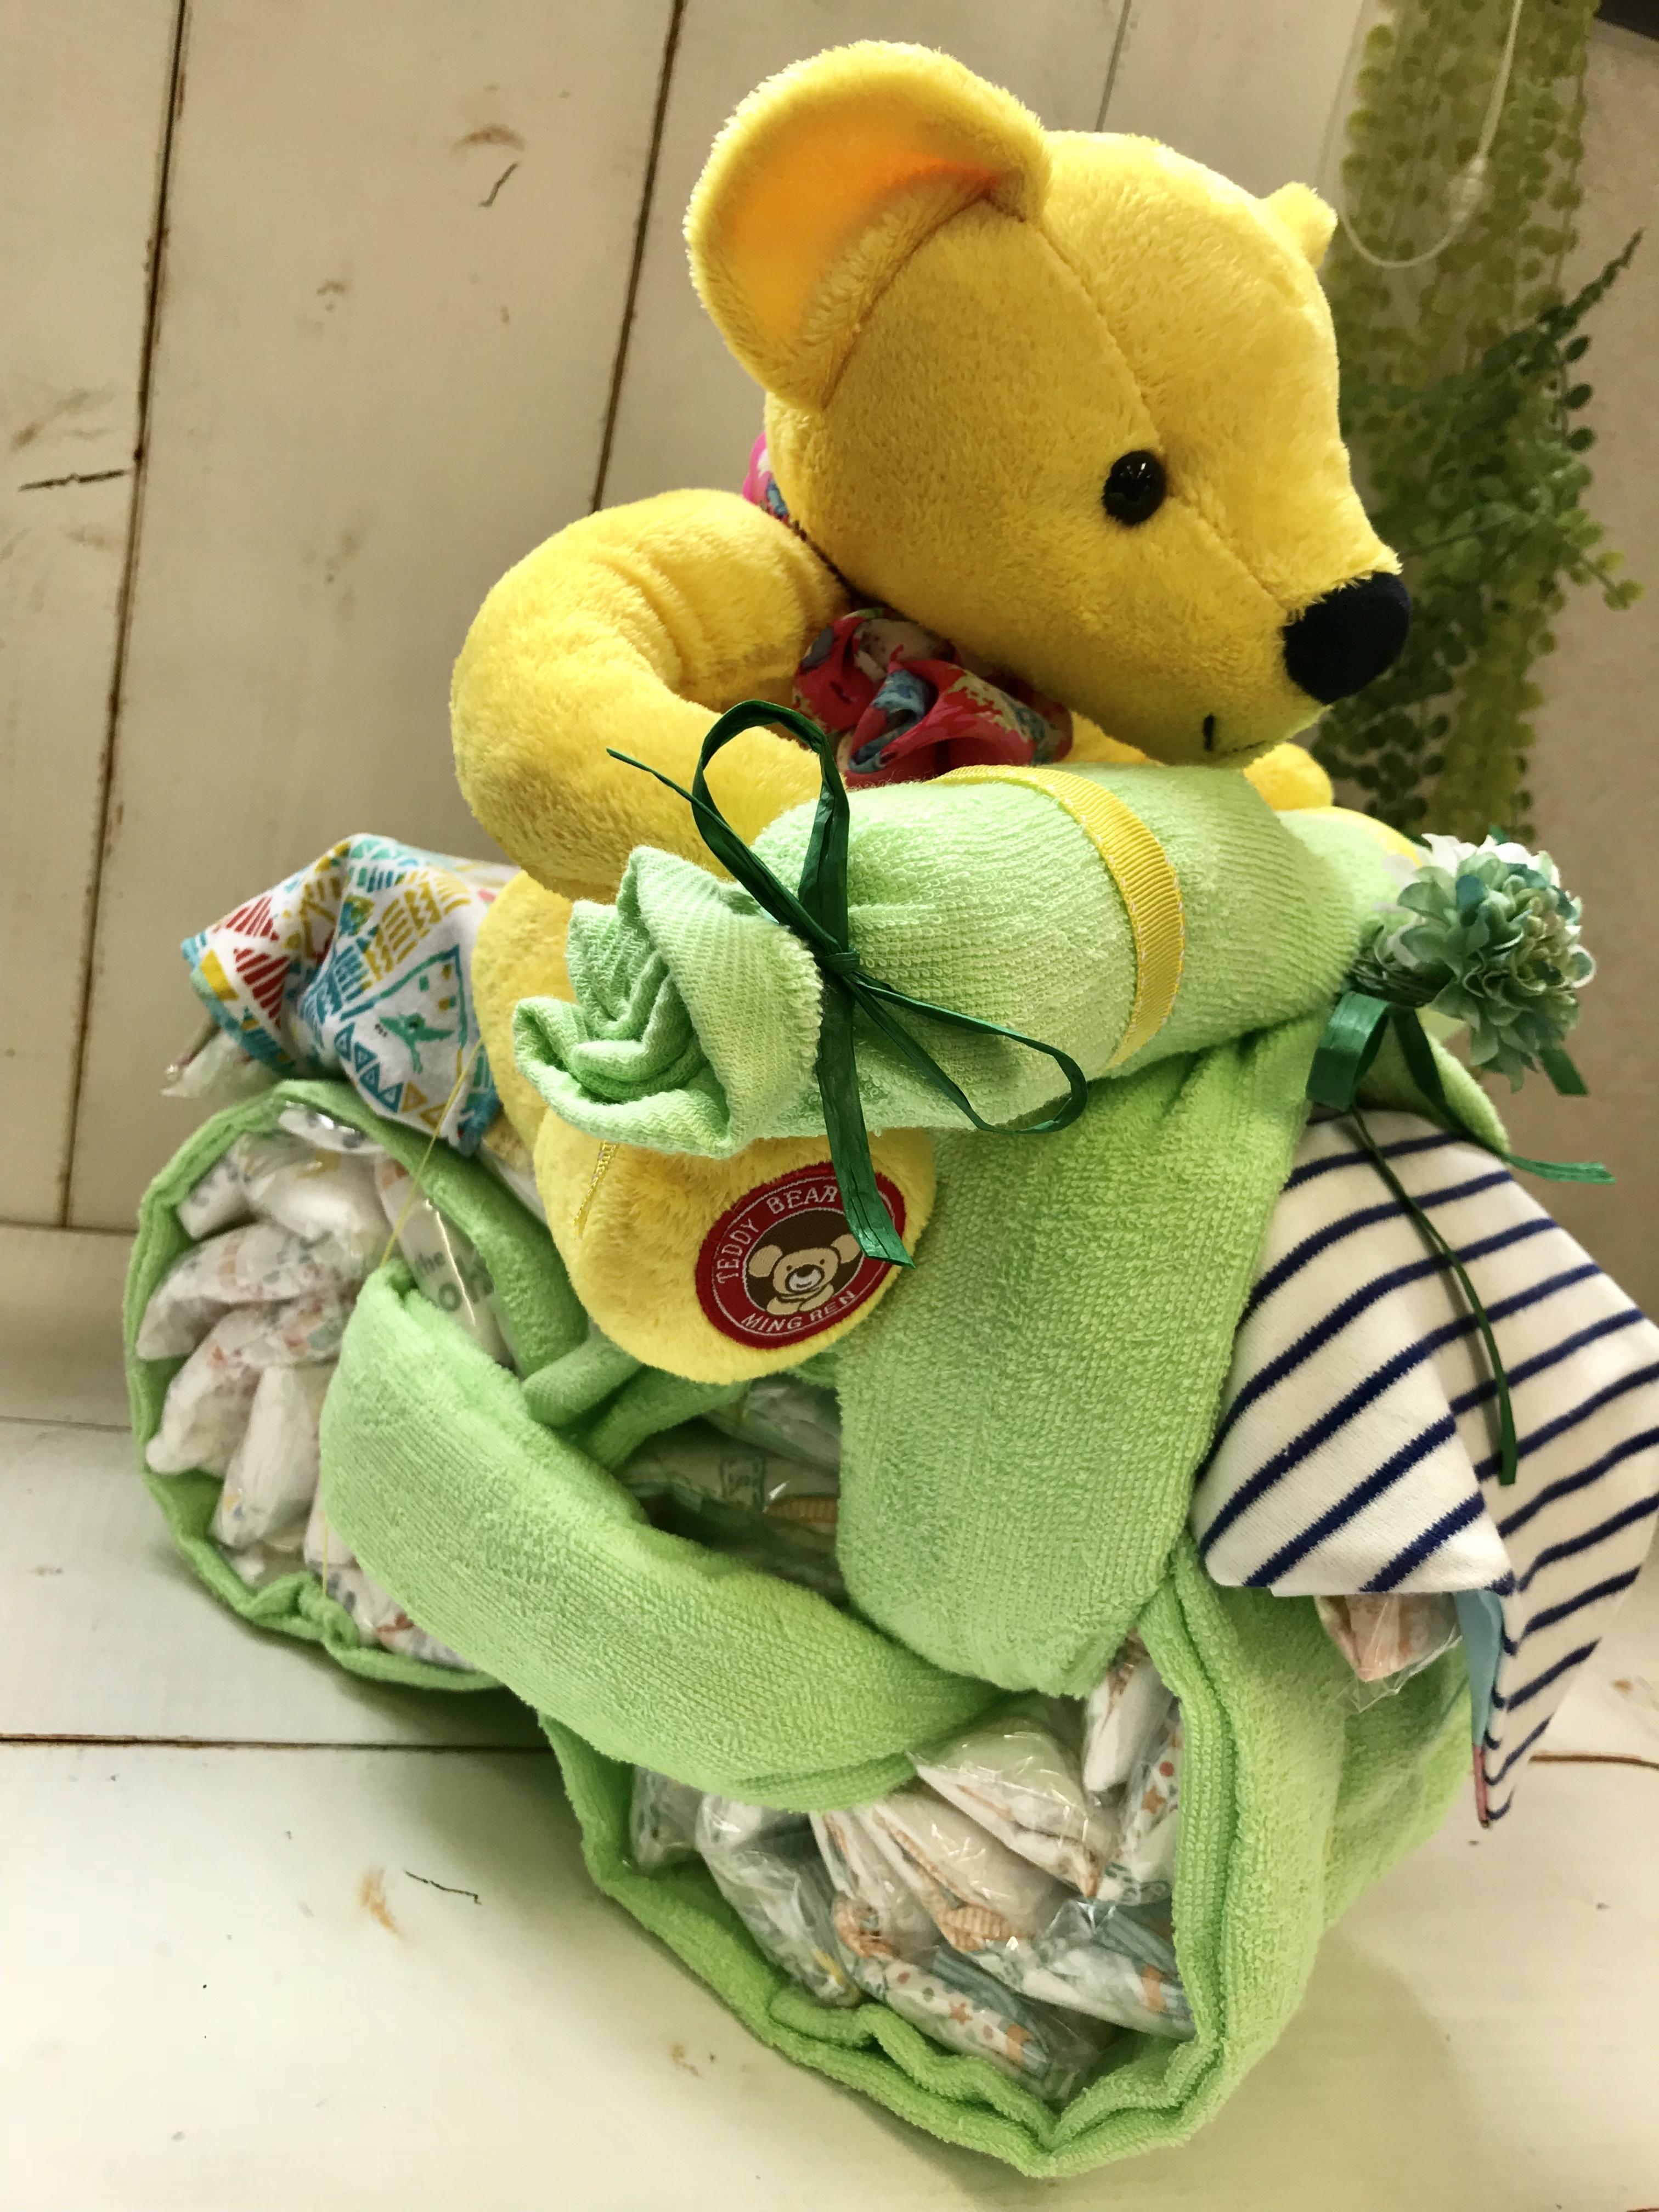 クマさん おむつバイク   おむつケーキ  出産祝い ギフト オシャレ 個性的  かわいい  キャラクター